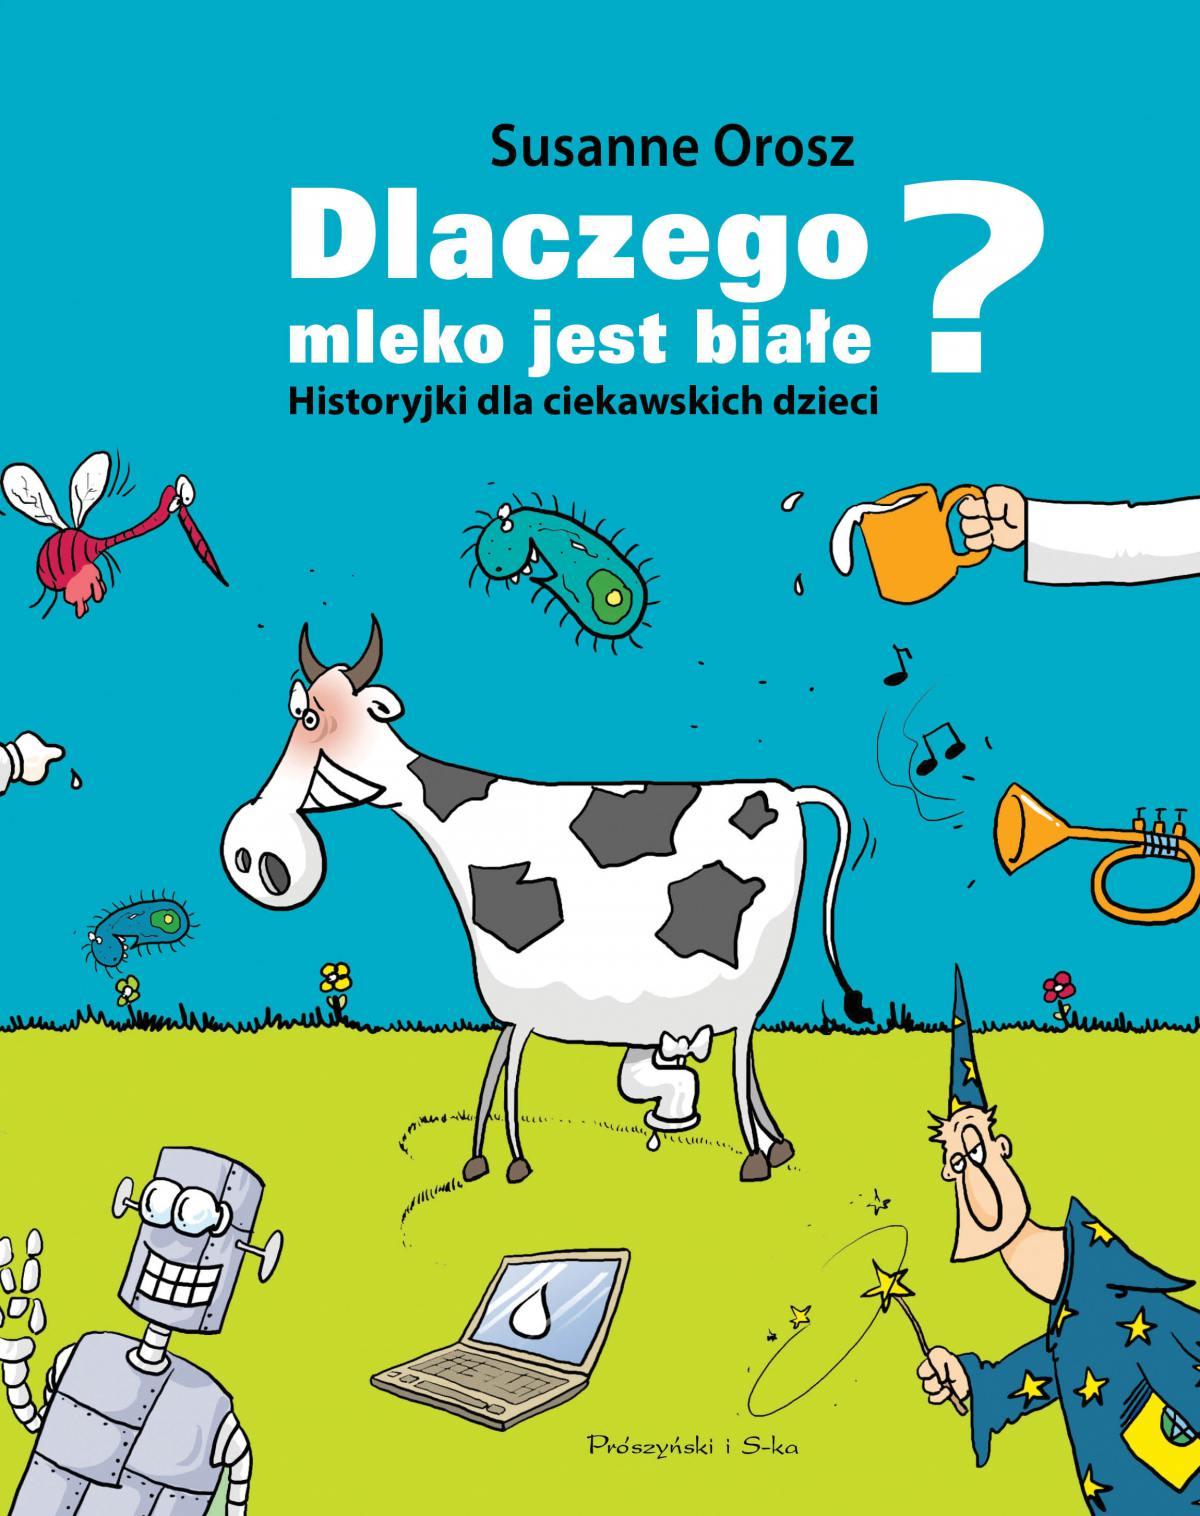 Dlaczego mleko jest białe? Historyjki dla ciekawskich dzieci - Ebook (Książka na Kindle) do pobrania w formacie MOBI